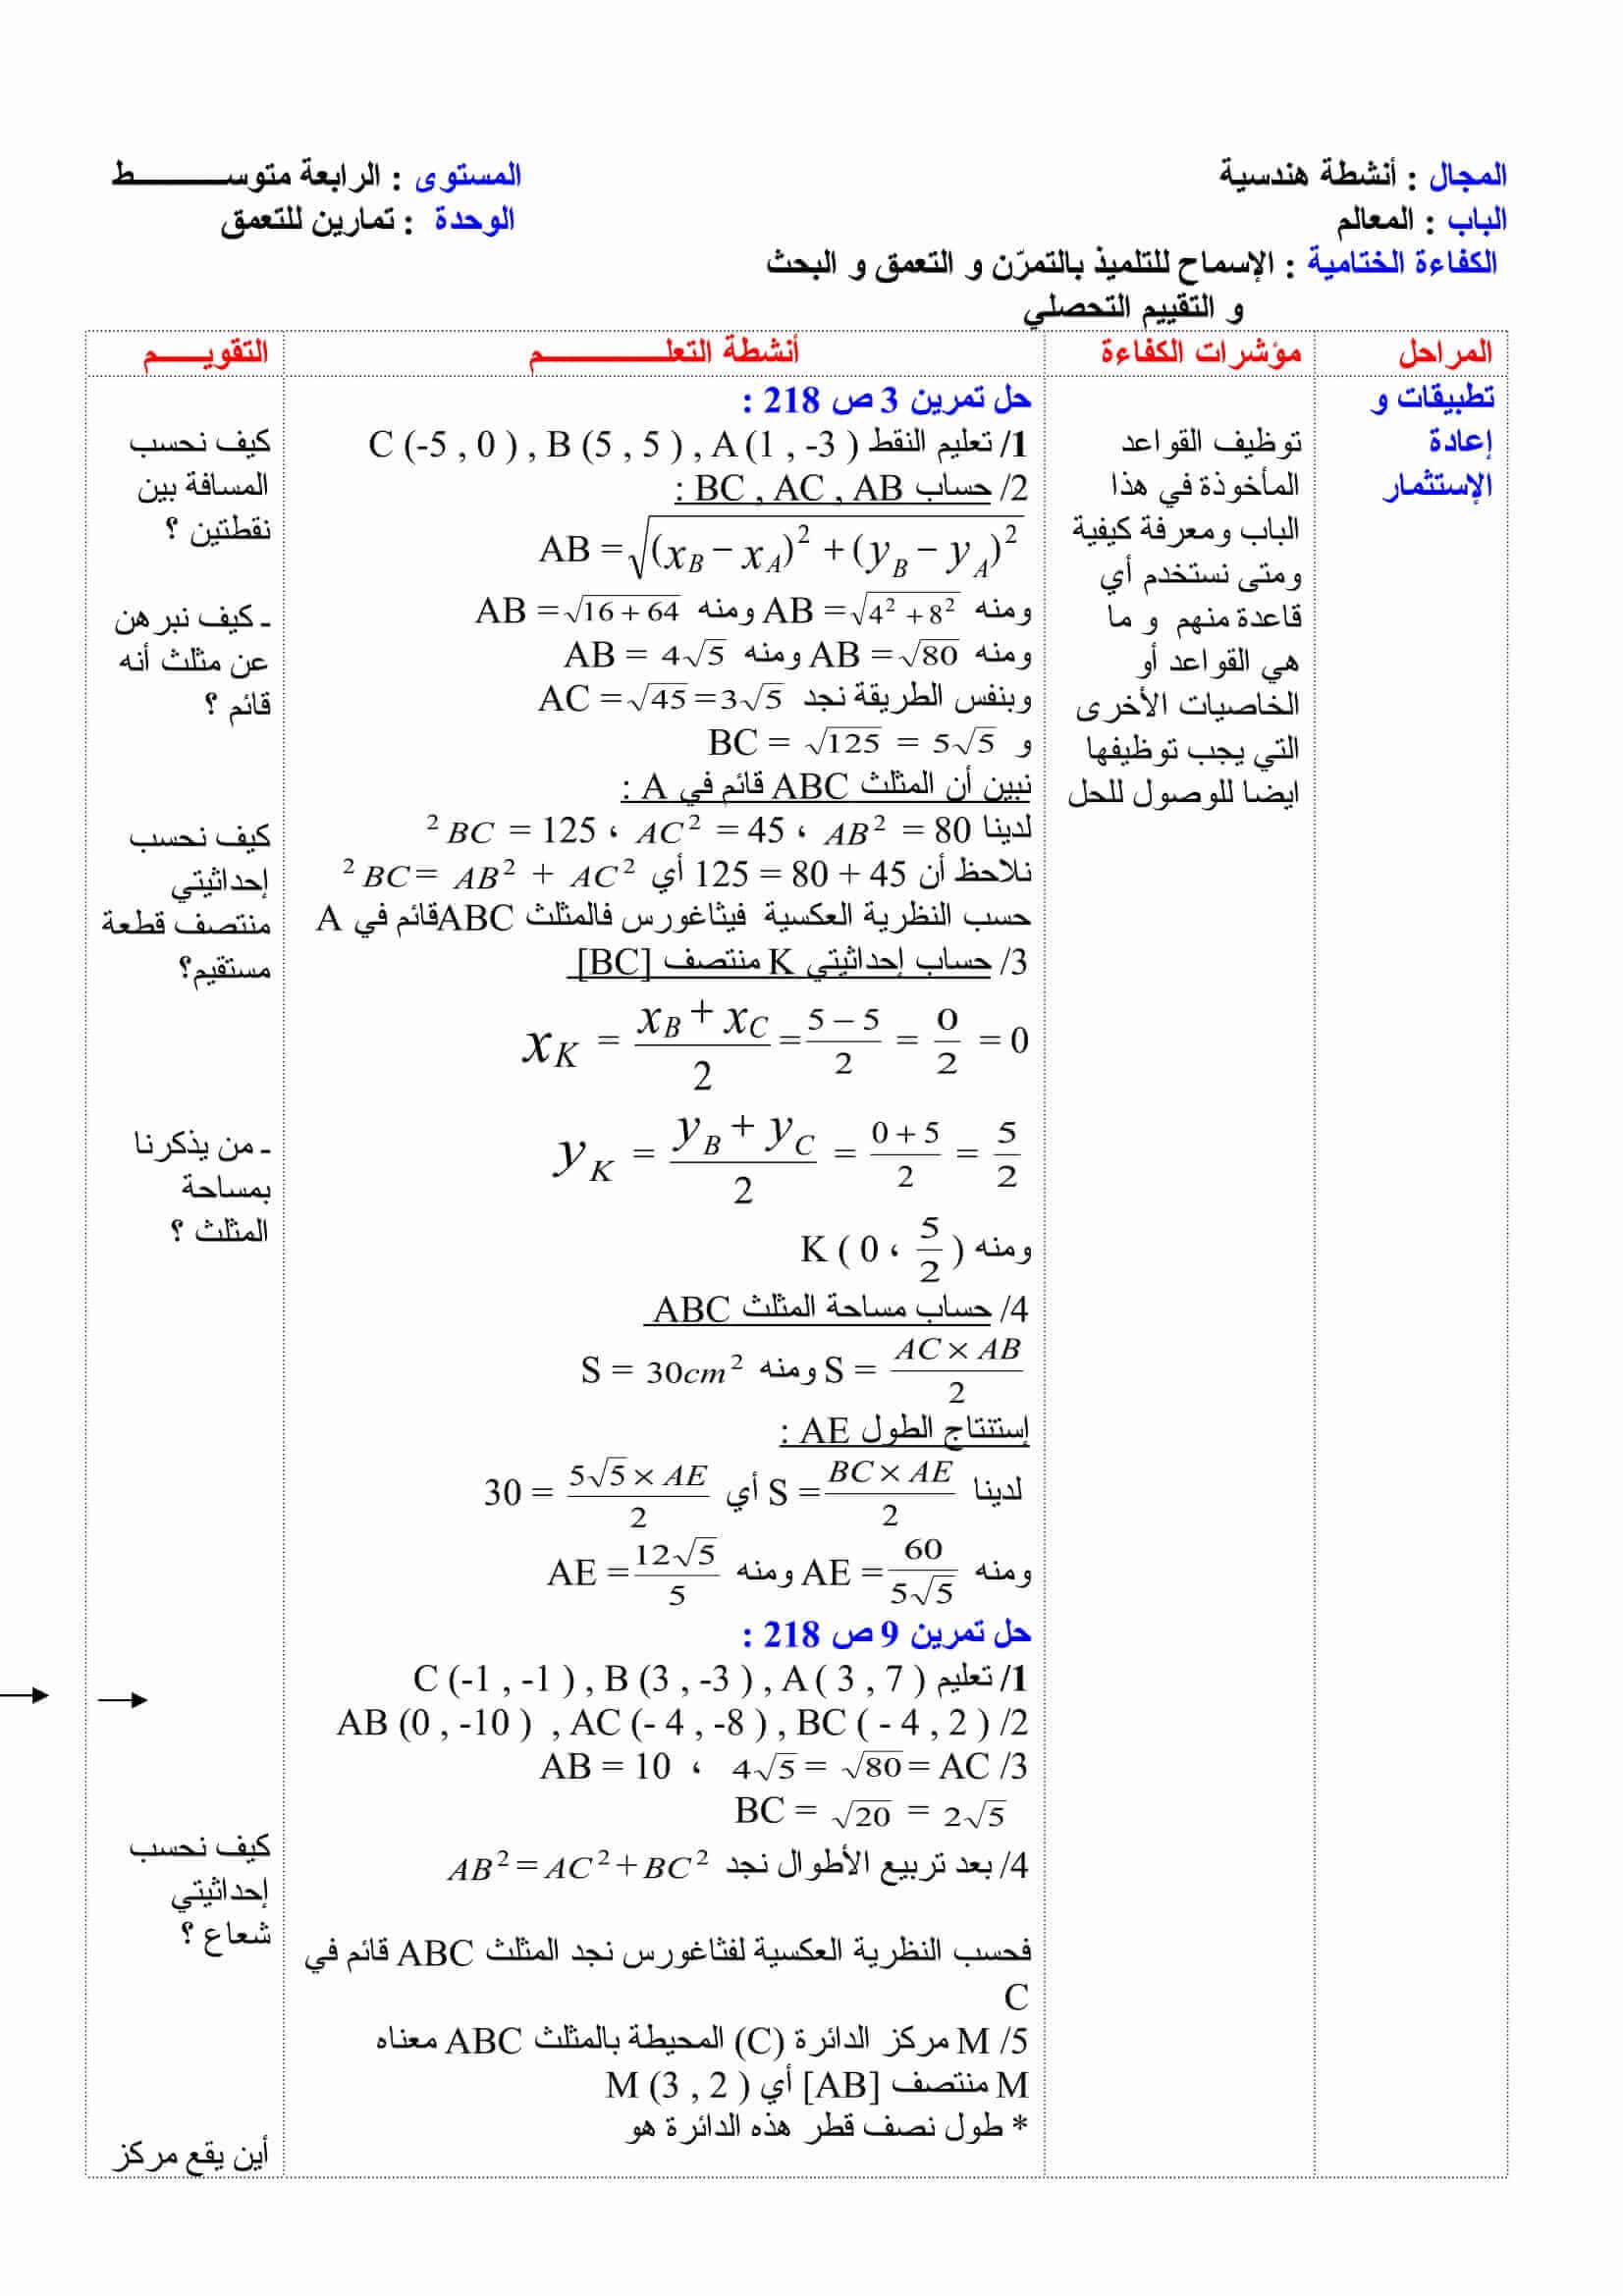 حل كتاب النشاط رياضيات 1 مقررات